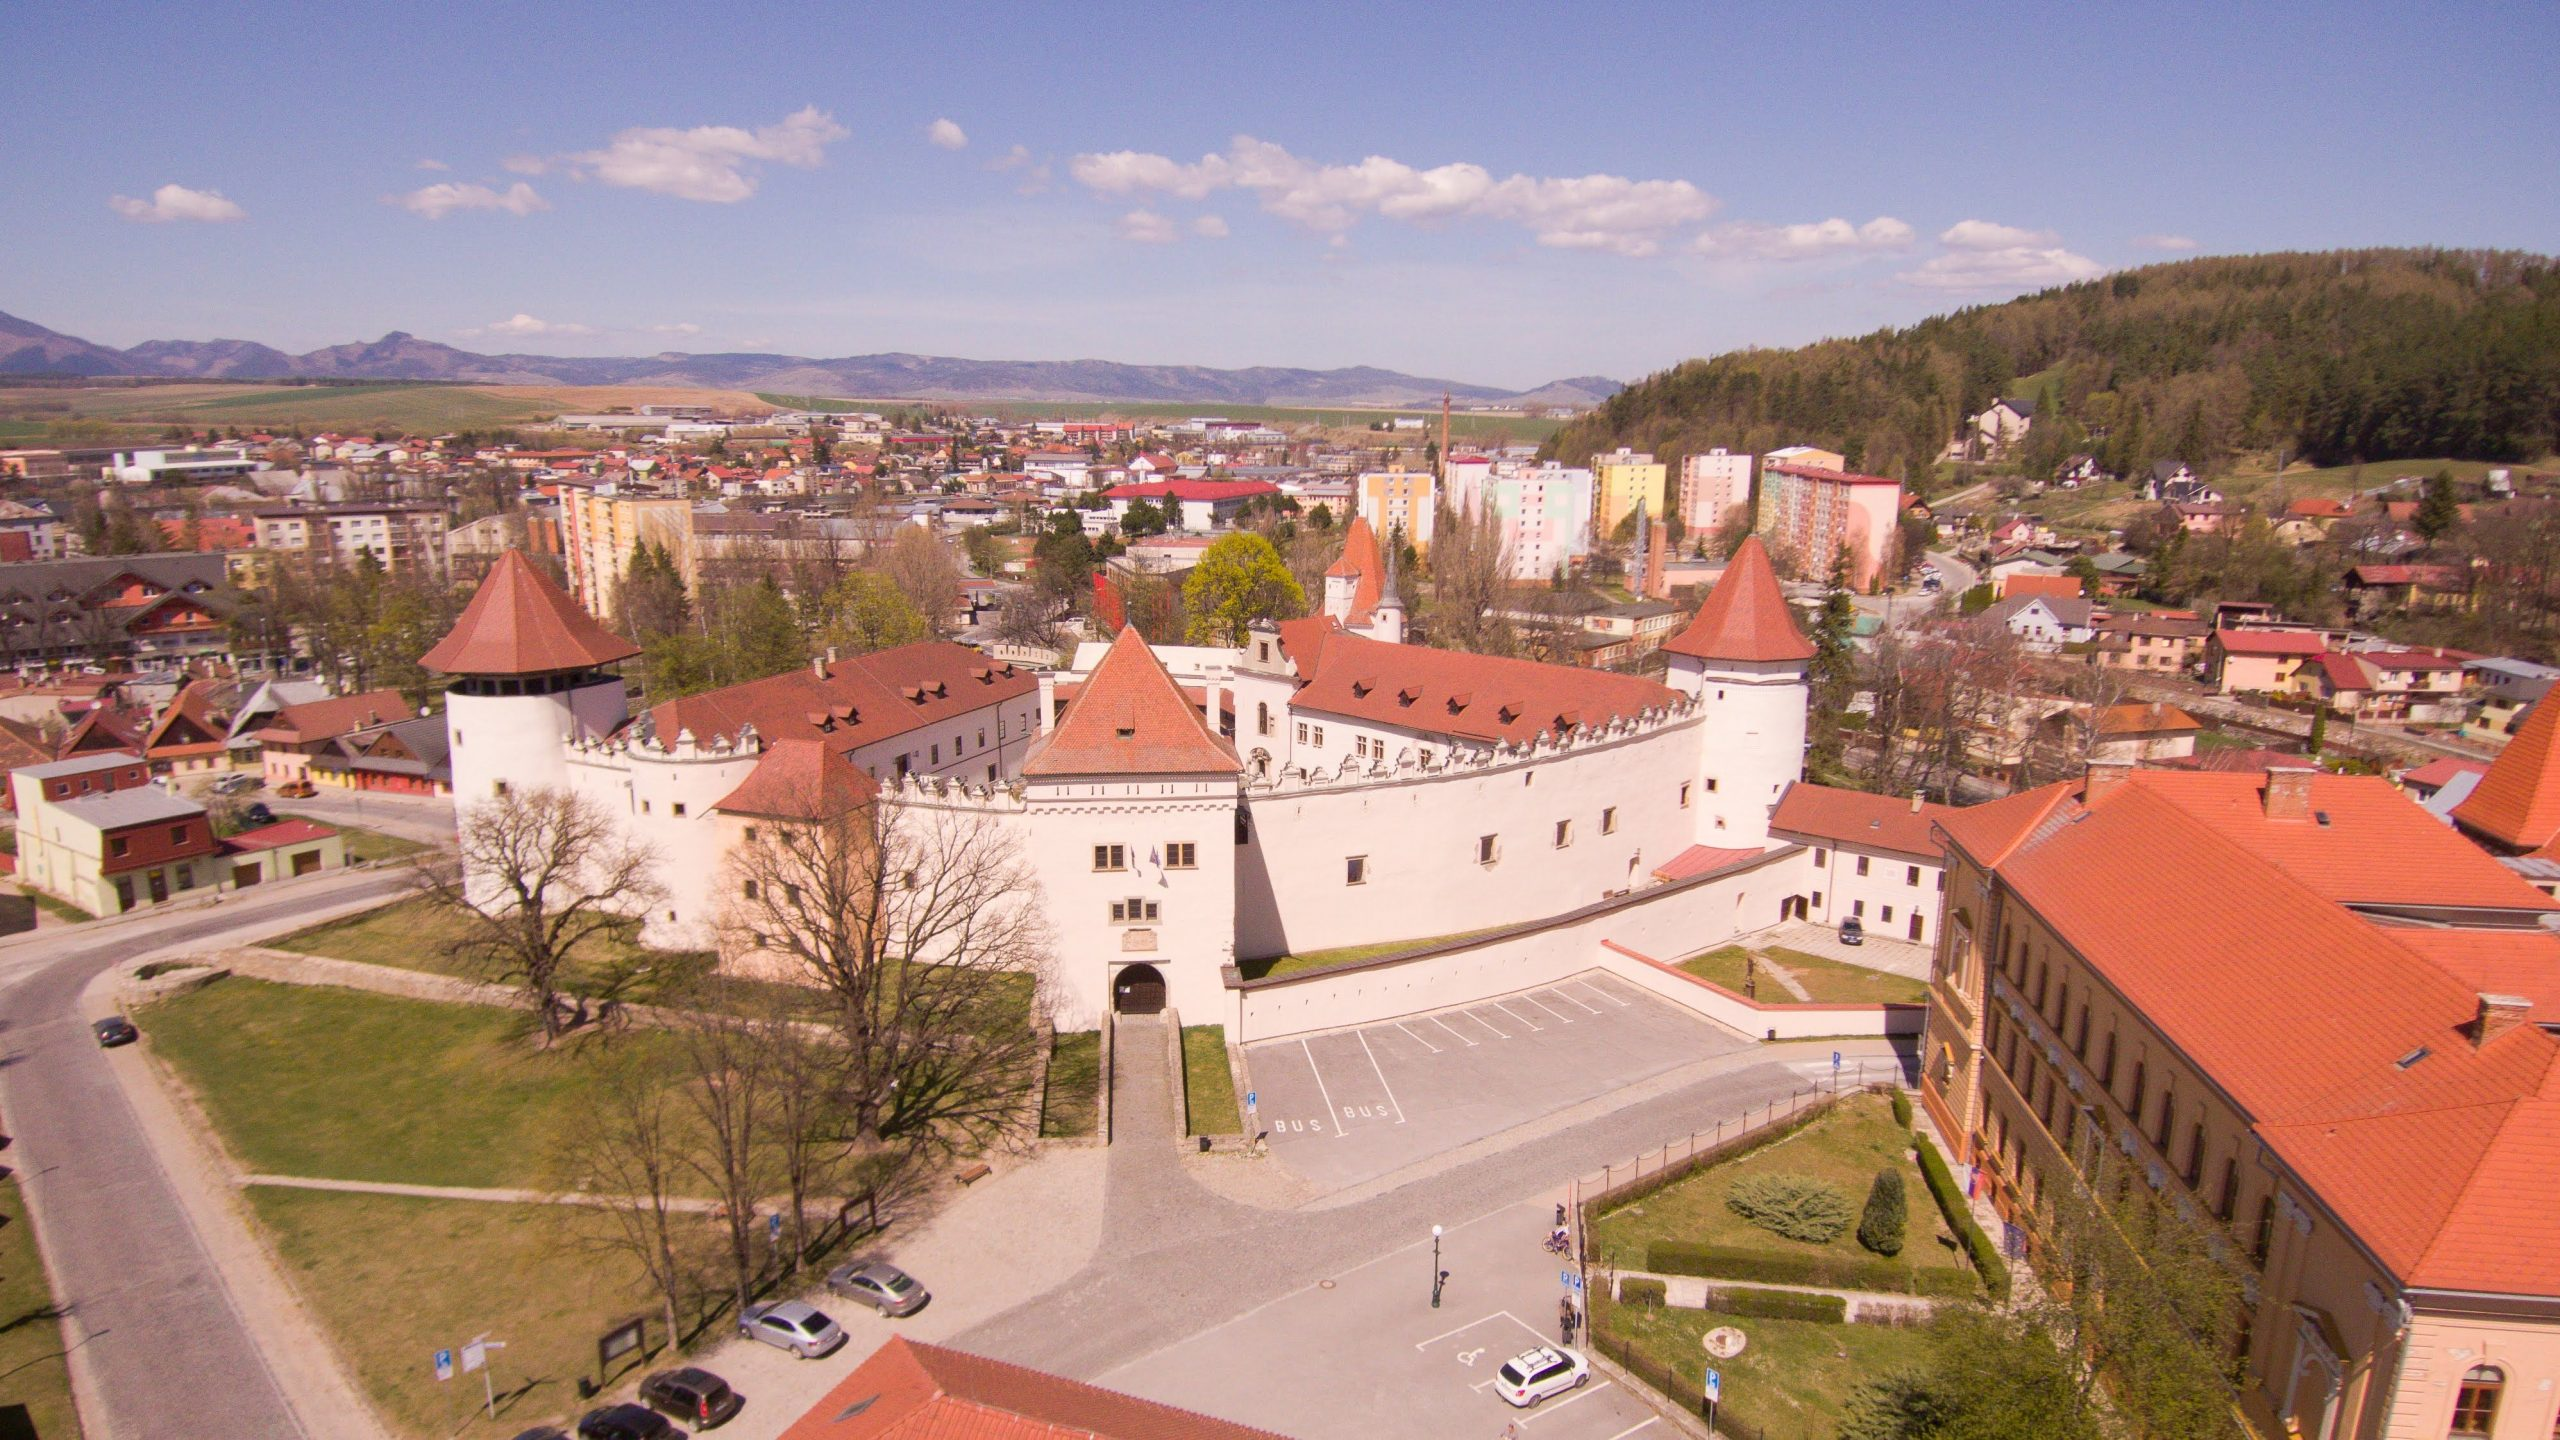 Tatry, veterány, aj hladomorňa? Zistite, kde je toto jedinečné múzeum na Slovensku!